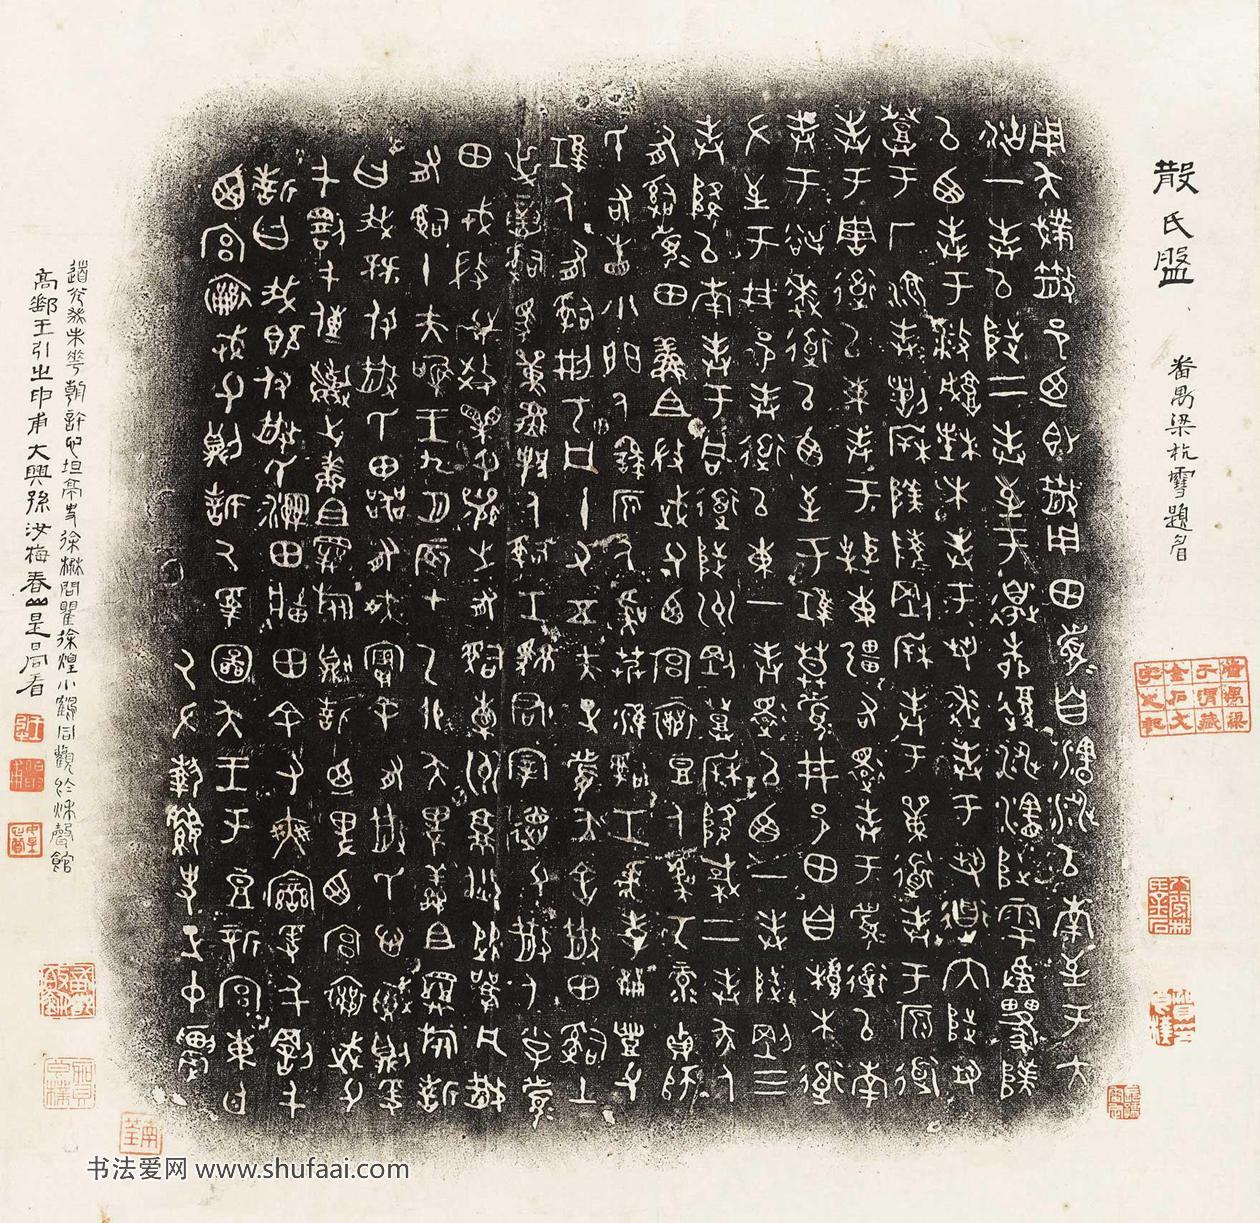 散氏盘铭拓片 匡时2012春拍